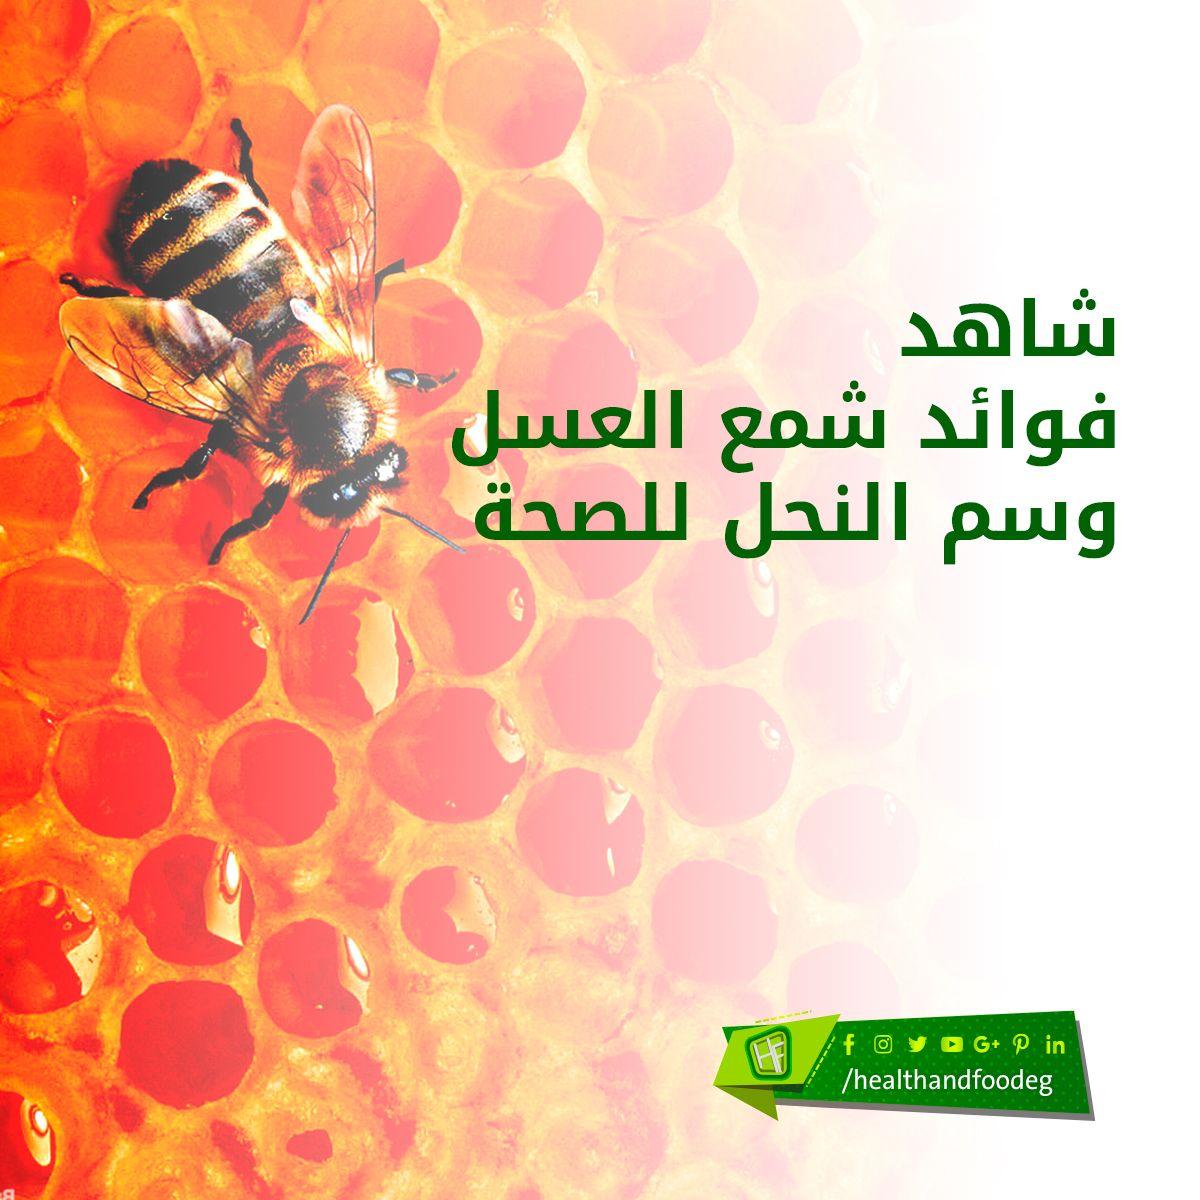 شاهد فوائد شمع العسل وسم النحل للصحة Movie Posters Poster